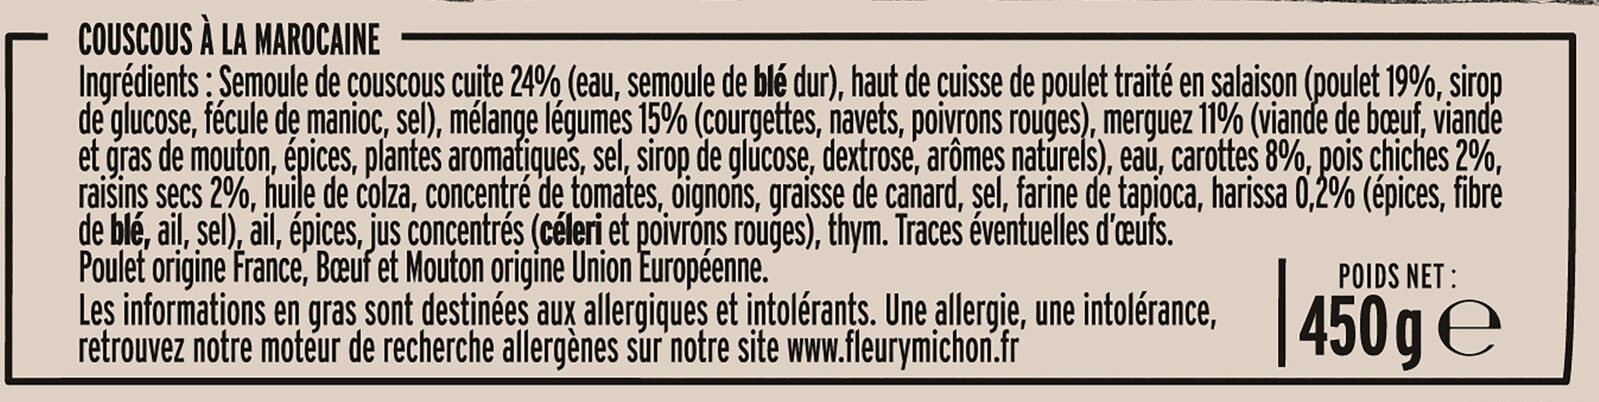 Couscous à la marocaine - Ingredientes